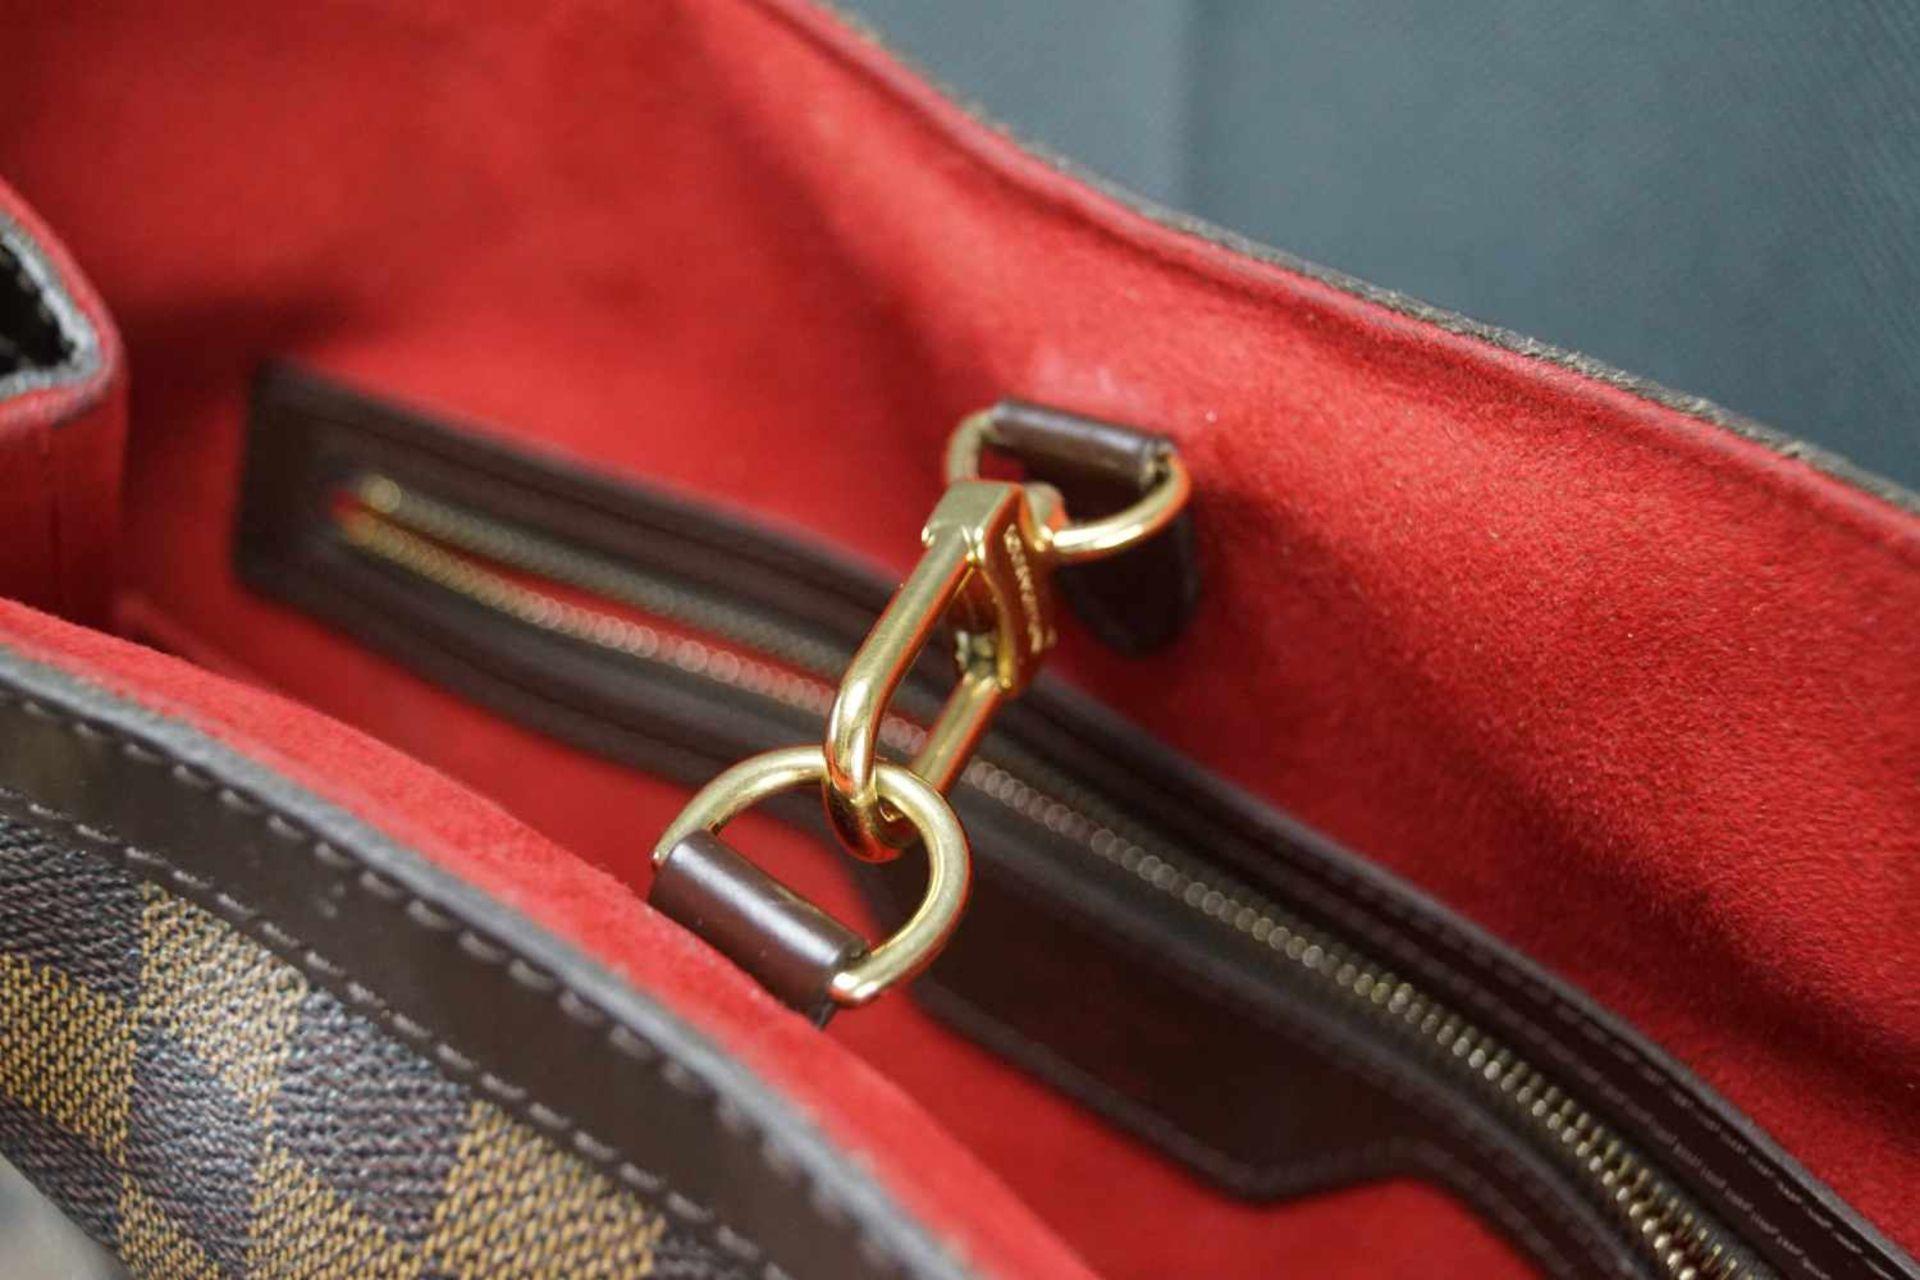 Louis Vuitton Handtasche Damier Hampstead PM, Höhe ca. 22 cm x Breite ca. 34 cm, Date Code TH3058, - Bild 3 aus 6